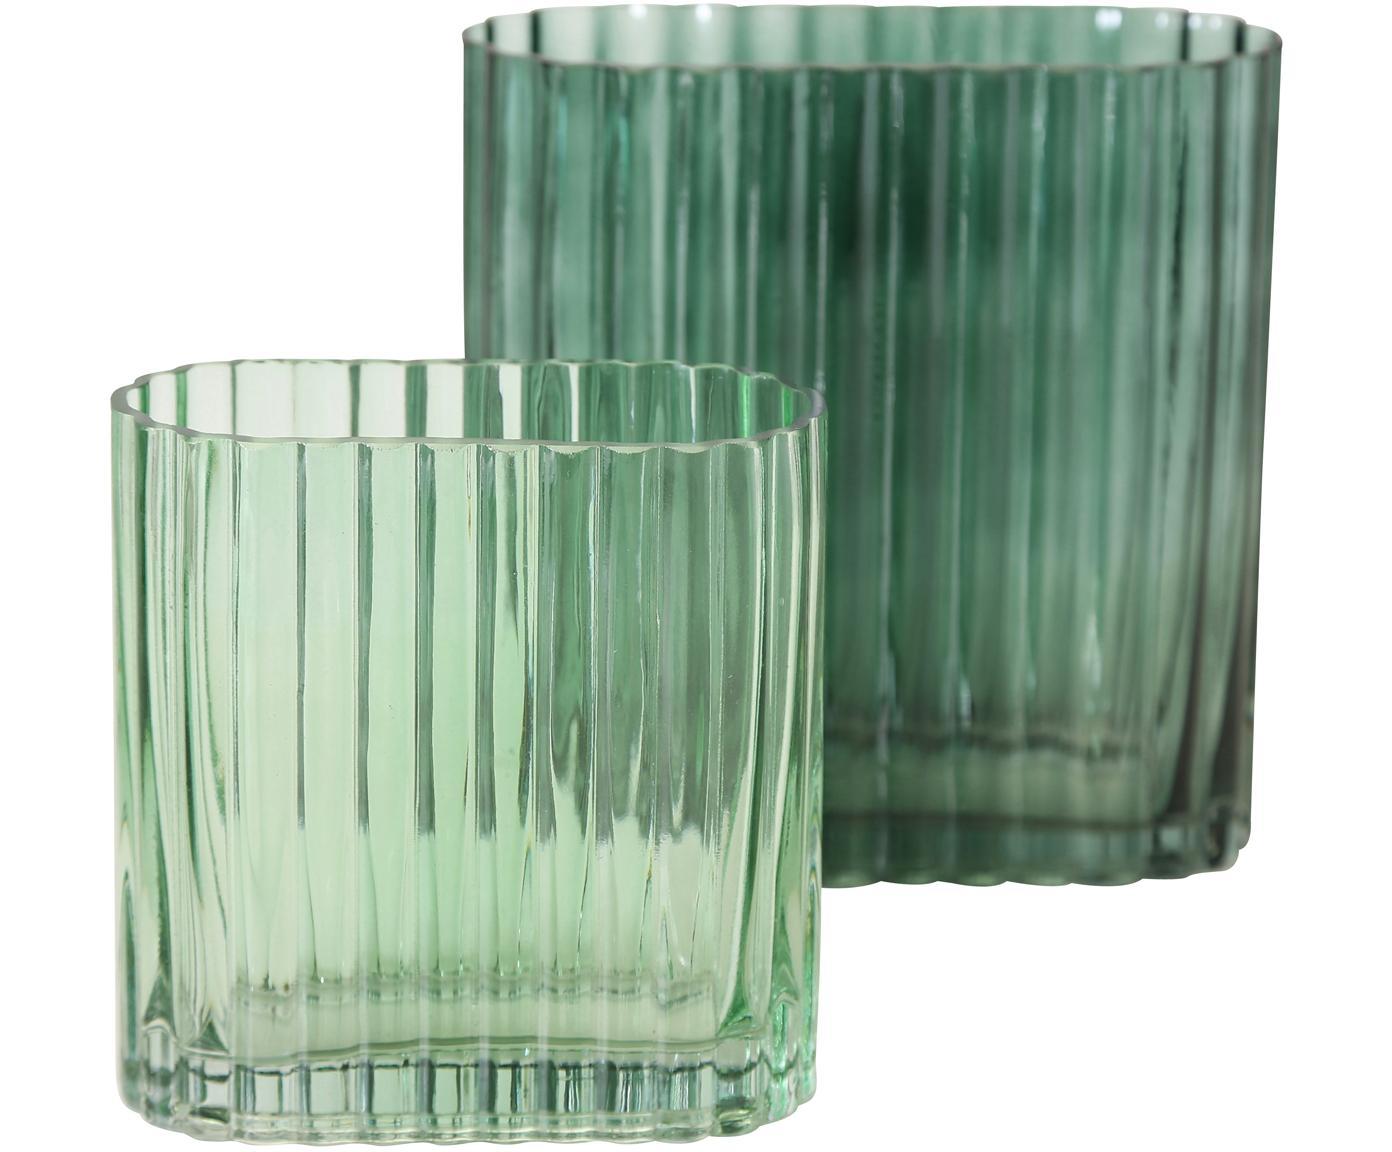 Set de jarrones de vidrio Tulipa, 2pzas., Vidrio, Verde, Tamaños diferentes